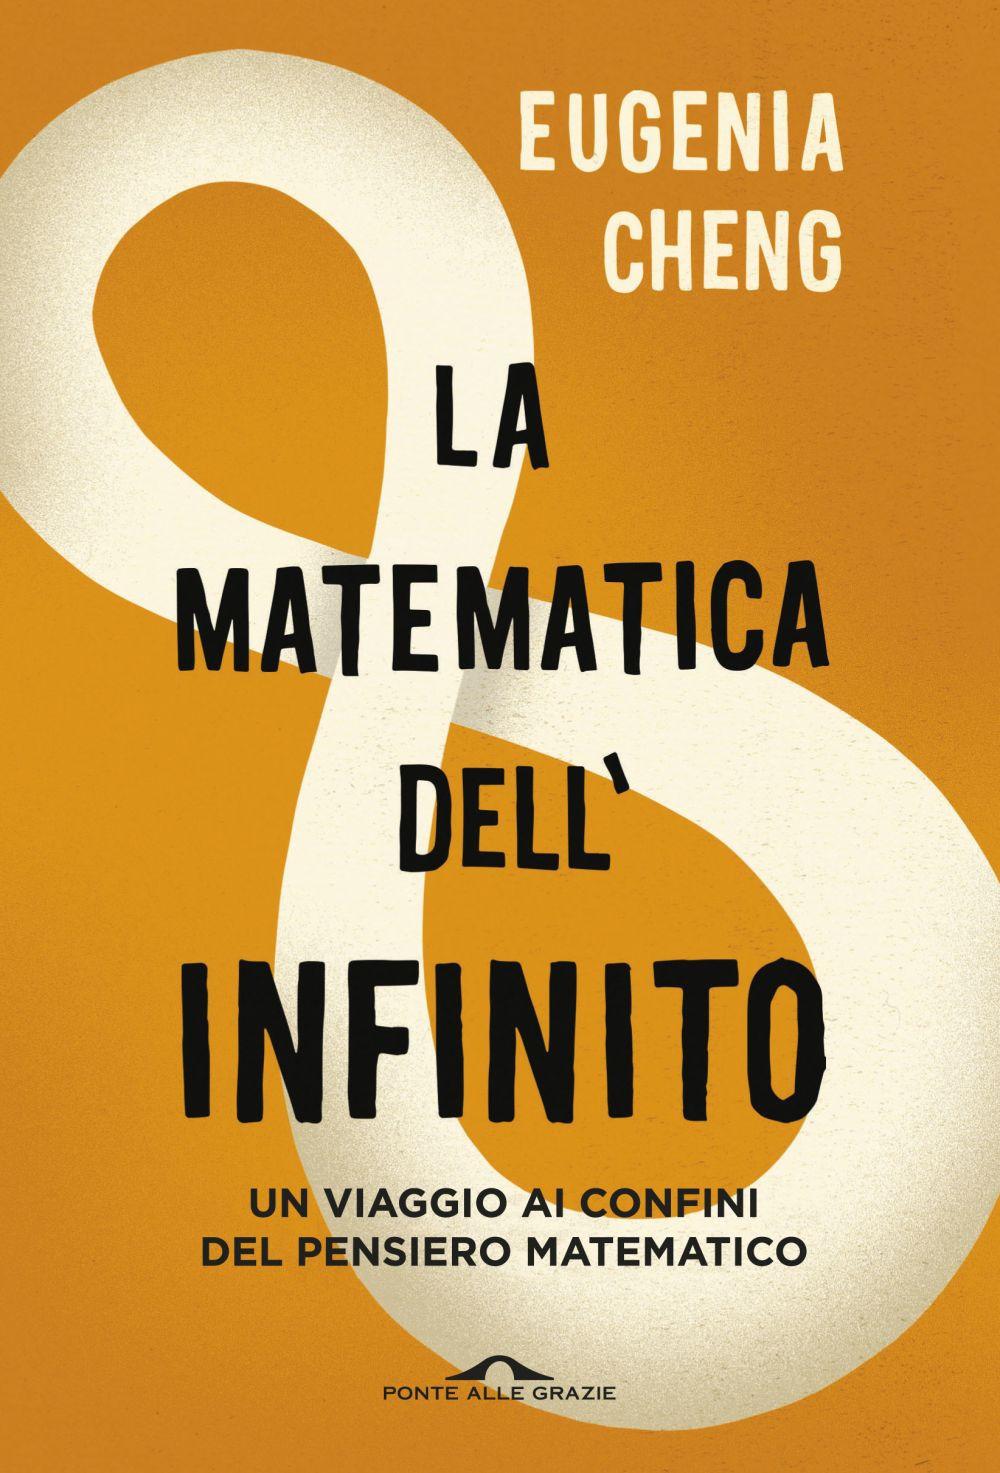 La matematica dell'infinito – Eugenia Cheng